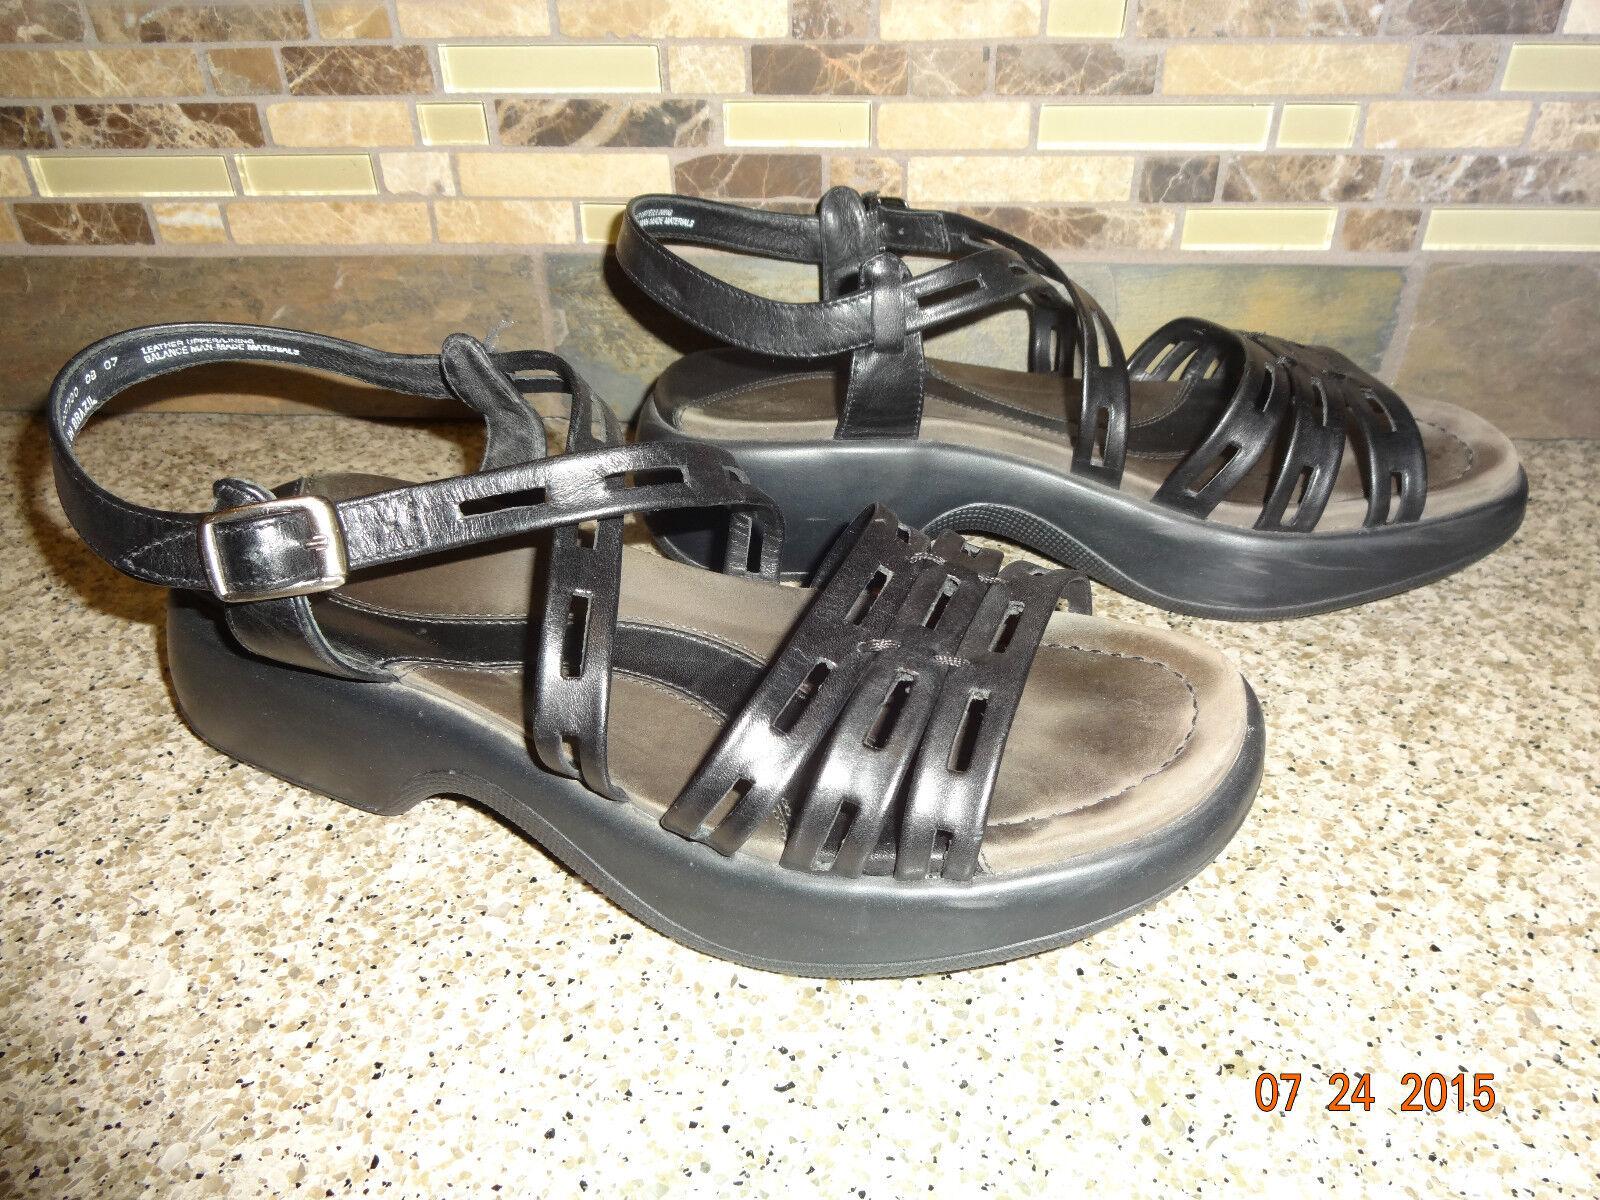 Womens Sz 38 US 7.5-8 Dansko Lorelei Black Leather Strappy shoes Sandals GREAT